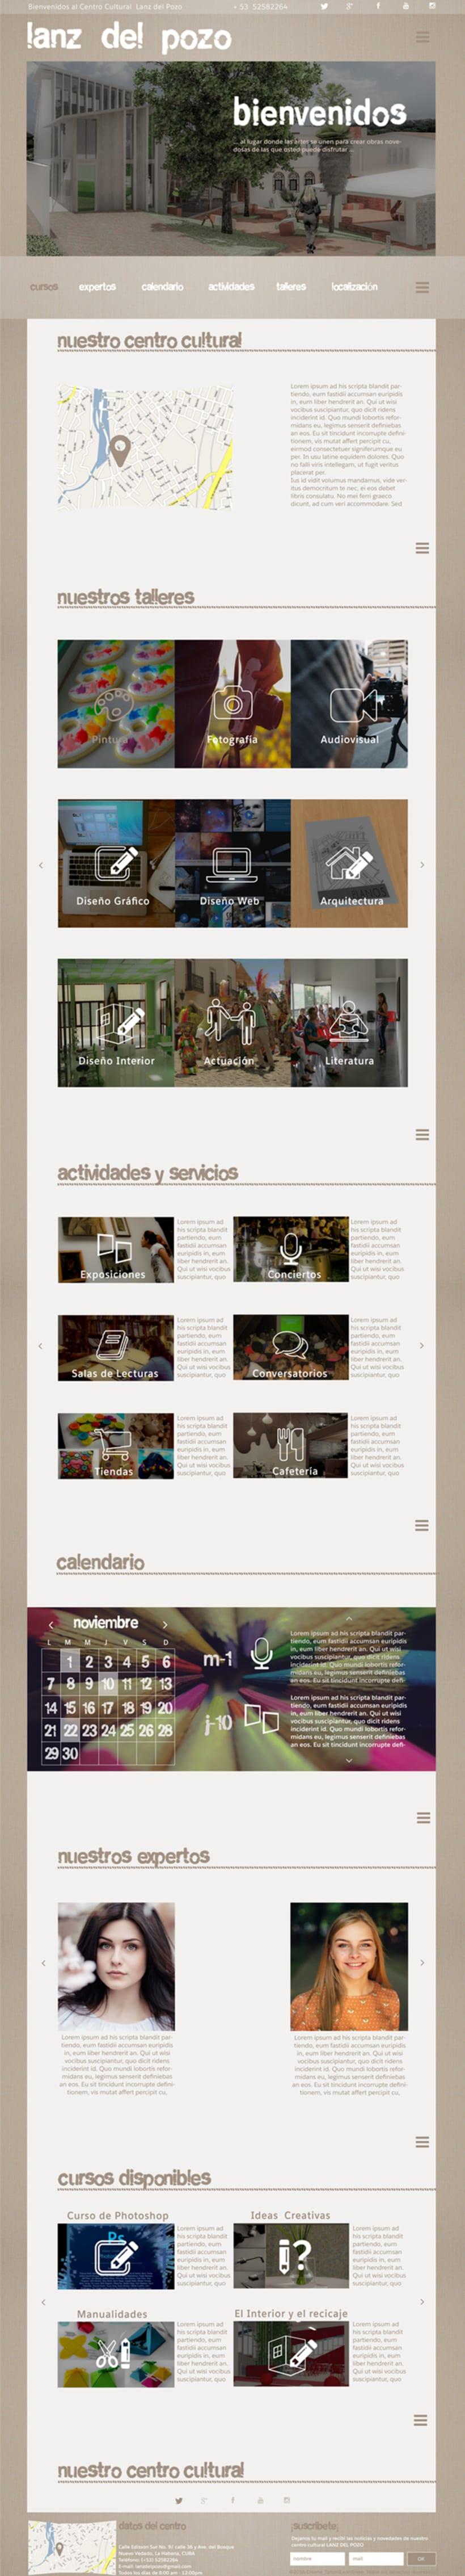 Diseño web para centro cultural Lanz del Pozo 2